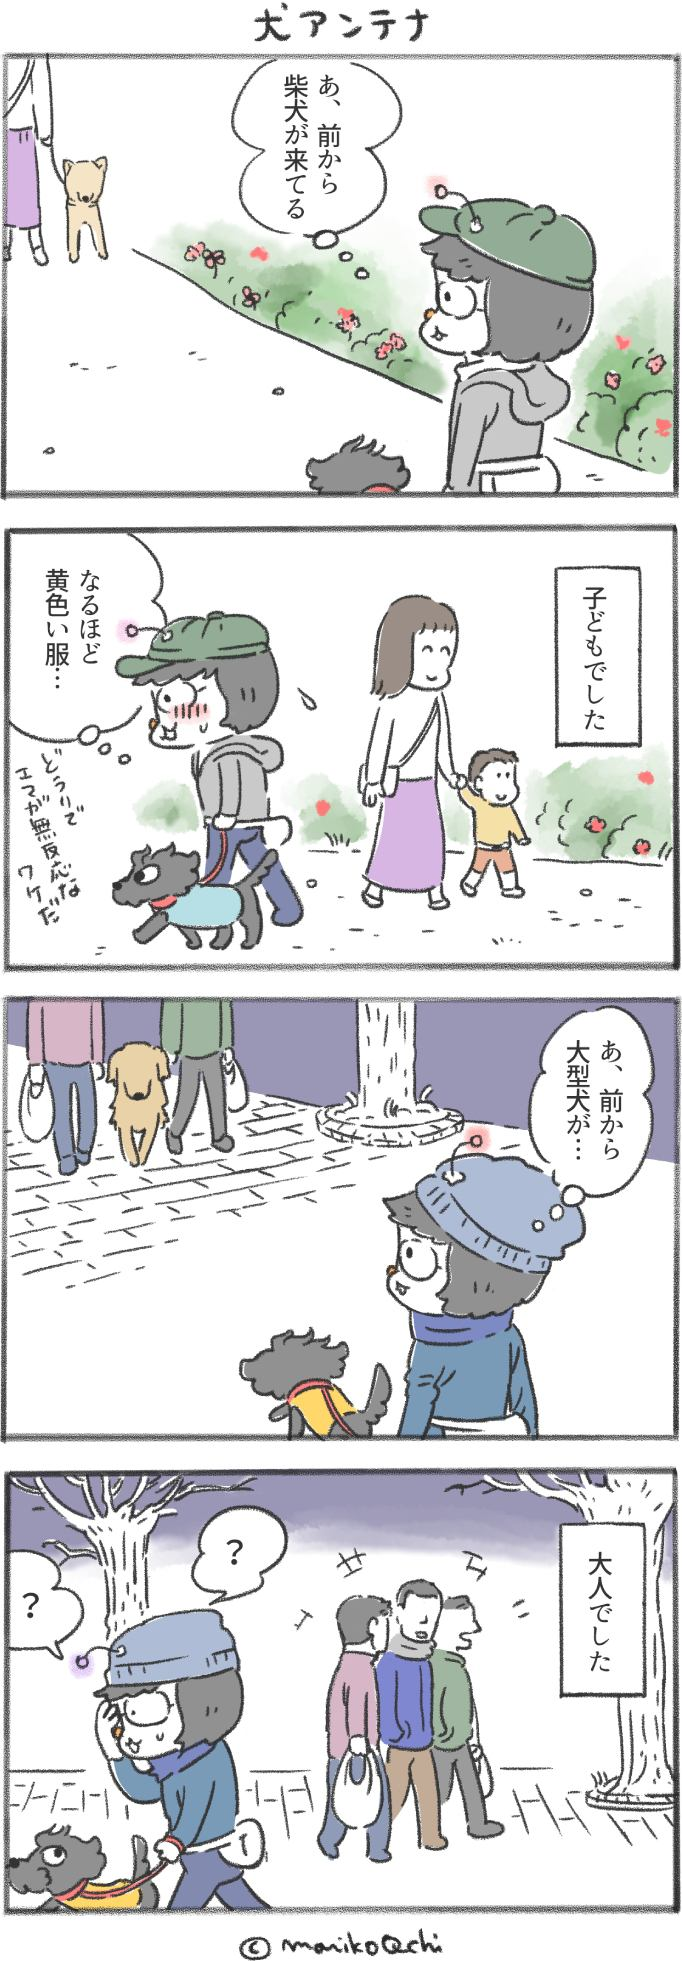 犬と暮らせば第76話